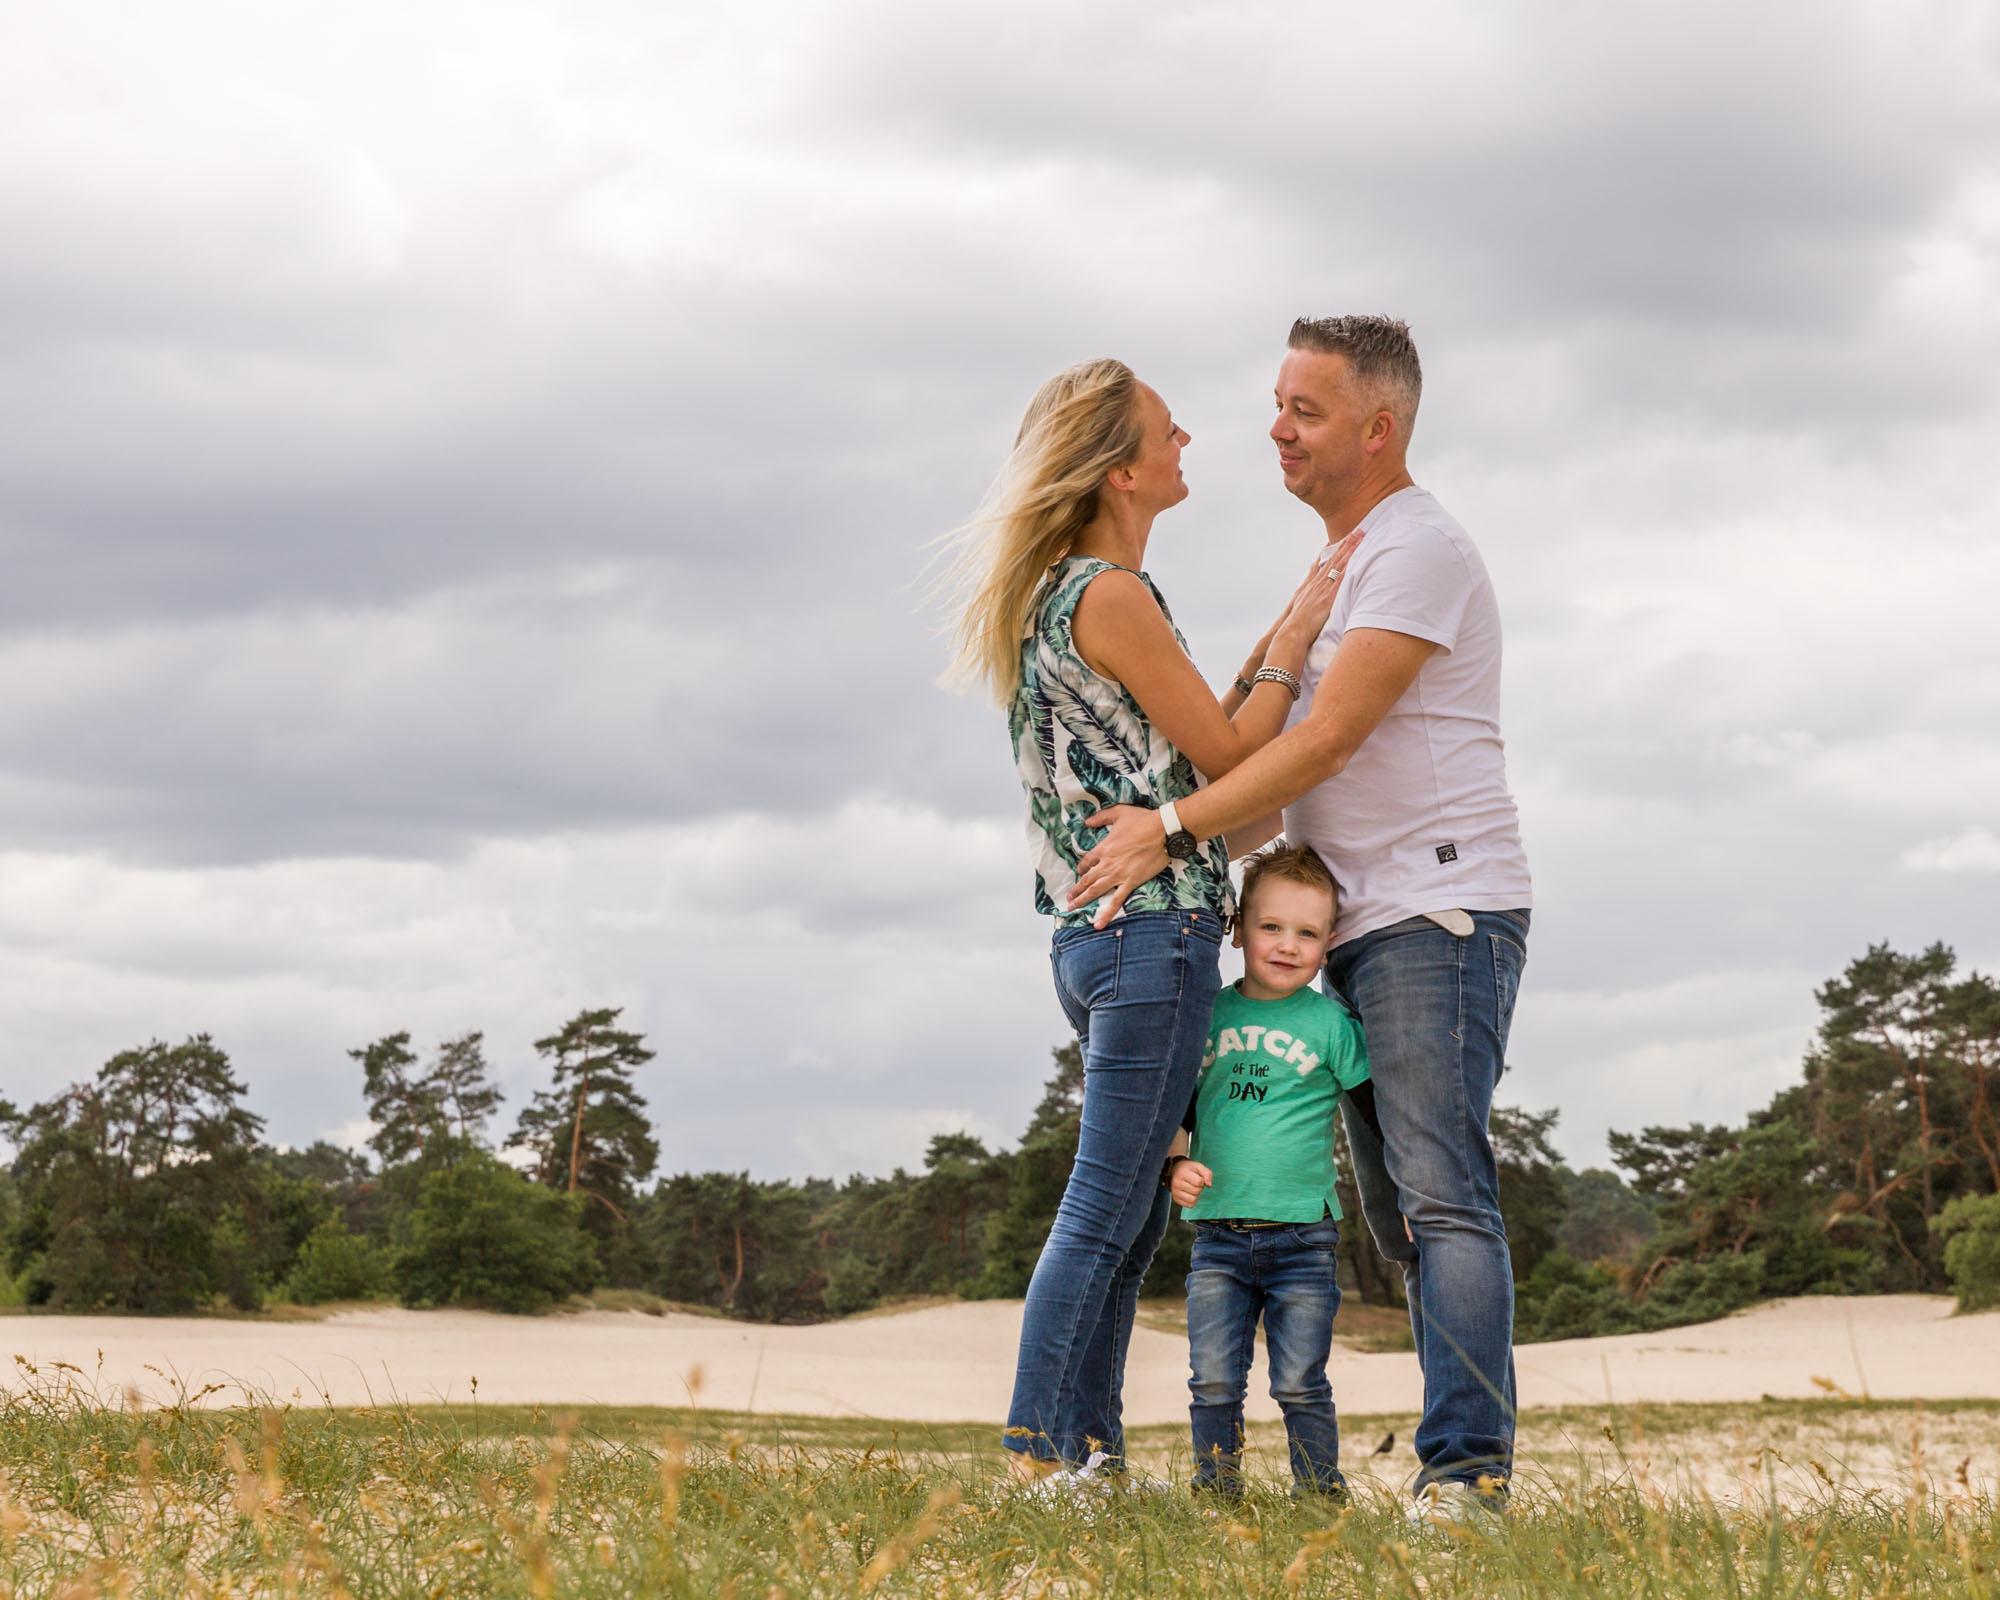 foto van kleuter tussen papa en mama in bij de soesterduinen door mayrafotografie